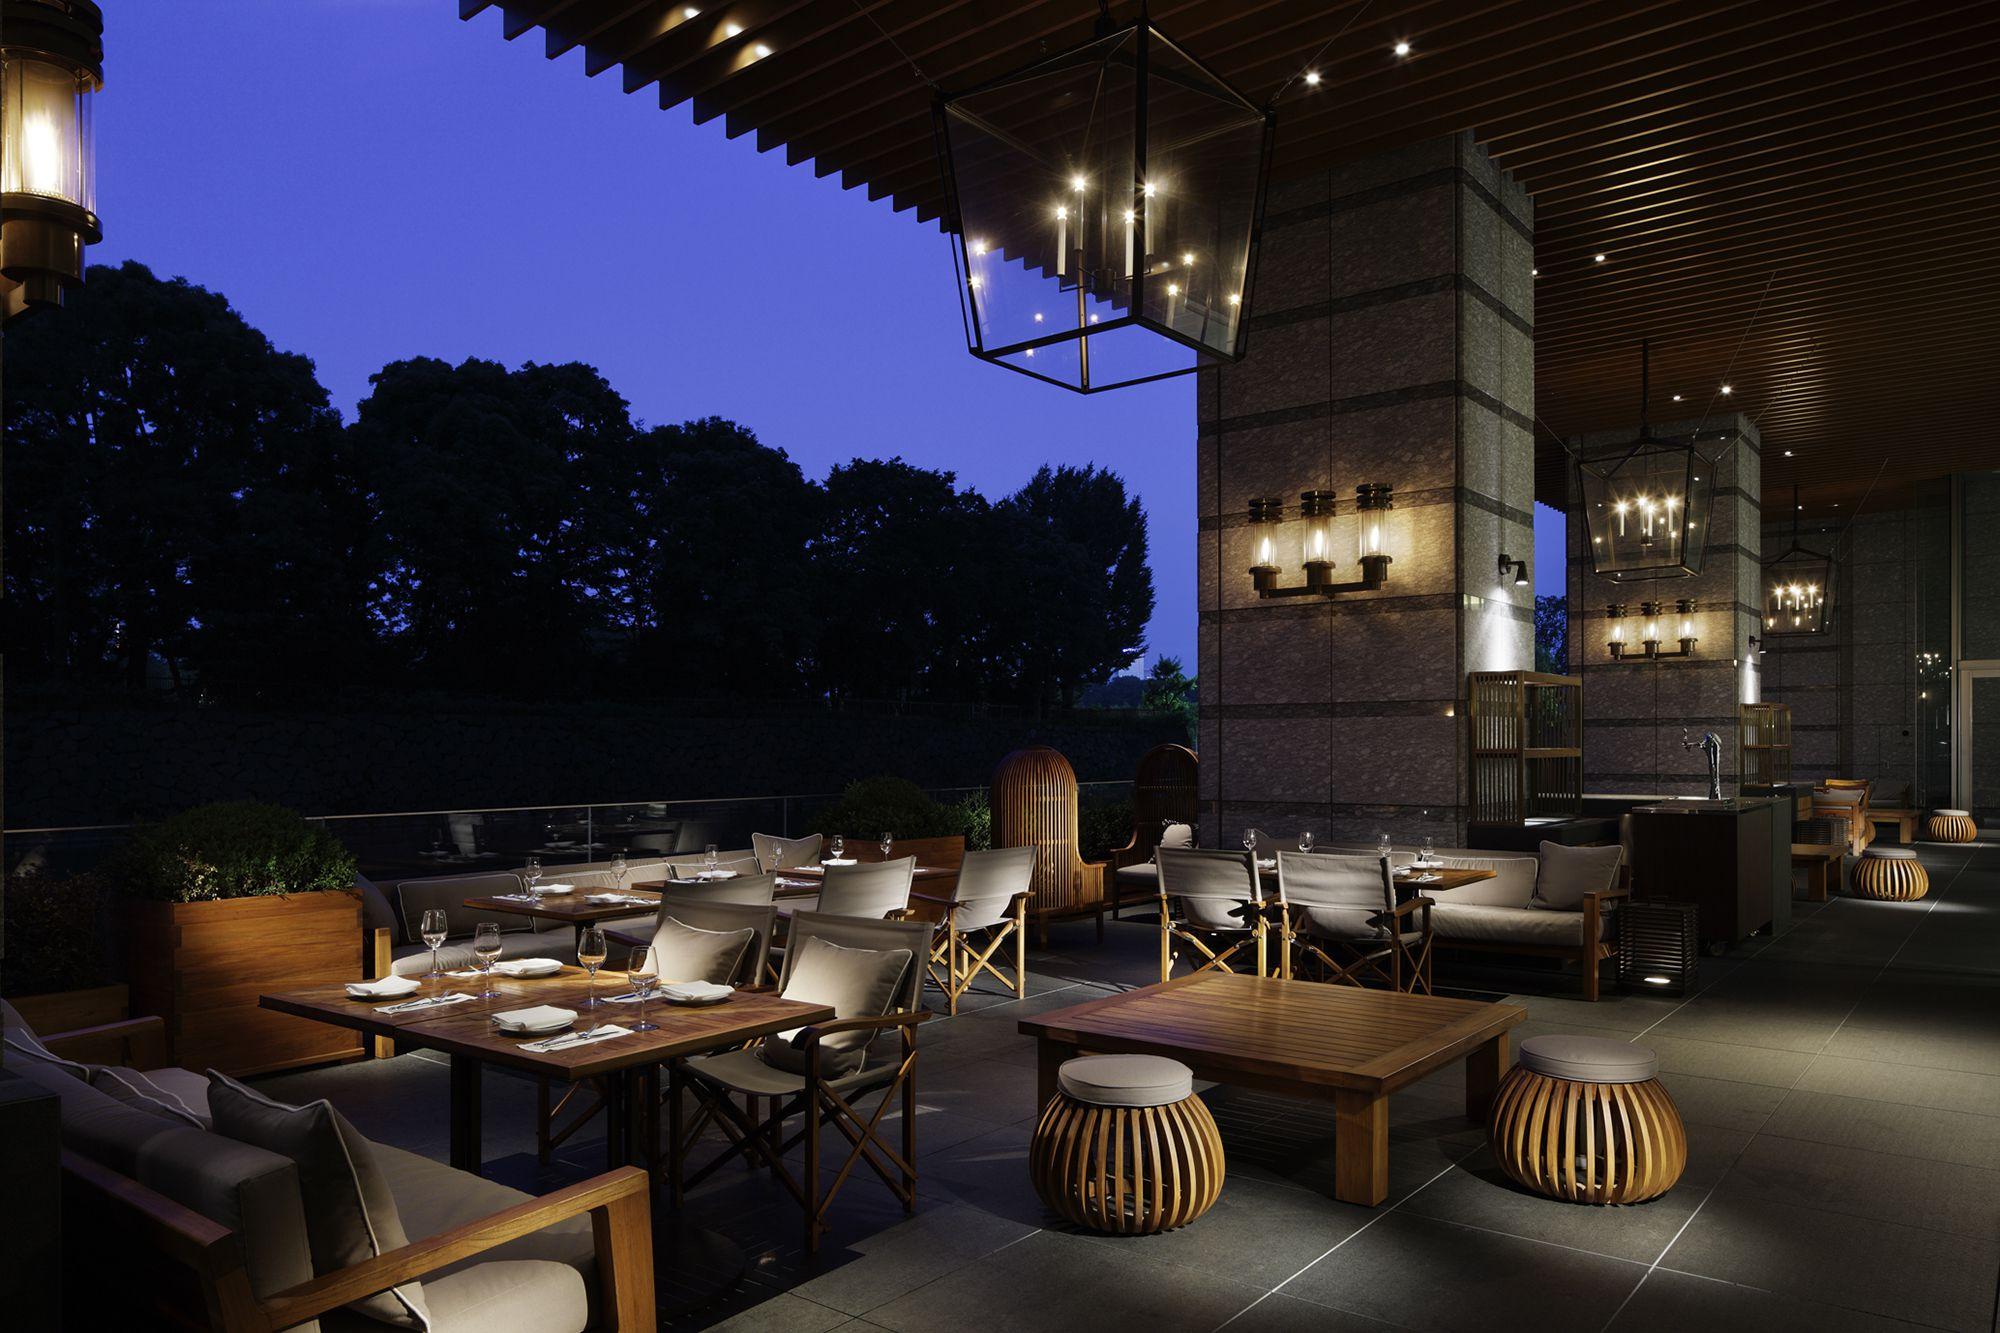 お濠の水辺に浮かぶようなパレスホテル東京「グランドキッチン」の広々としたテラス。